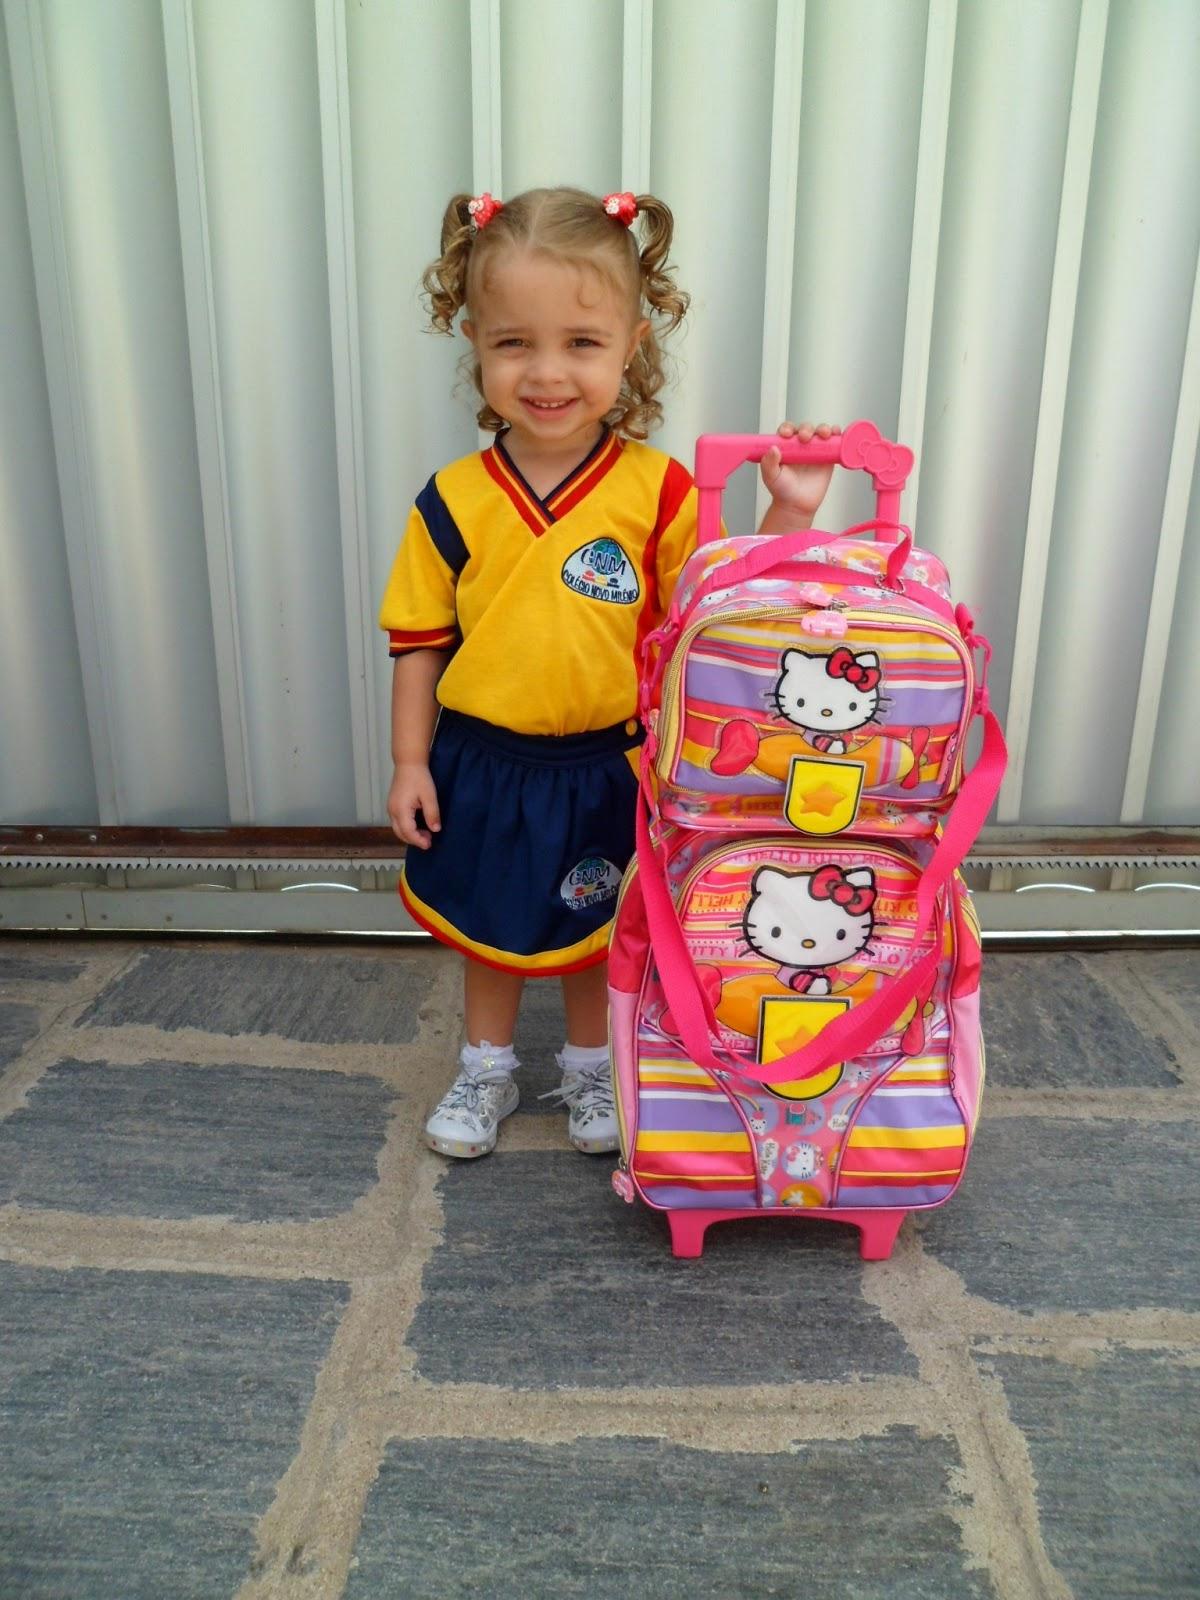 Kamille Nossa Filha Nosso Tesouro O Primeiro Dia De Aula